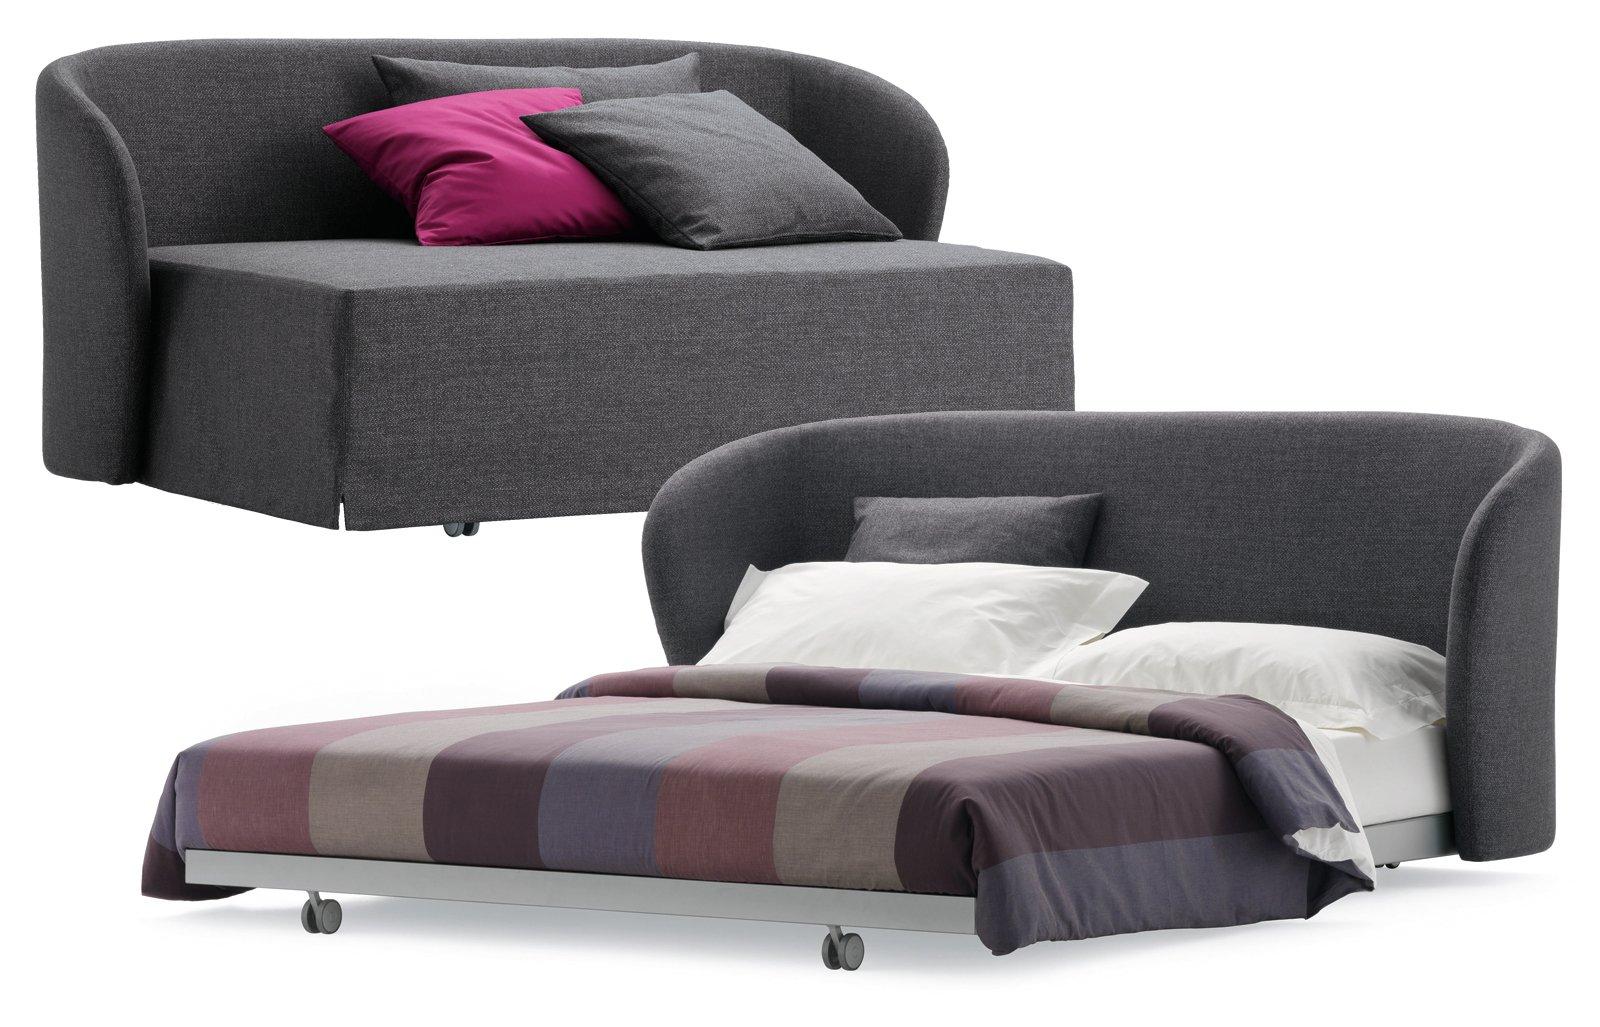 Divani letto per risparmiare spazio cose di casa - Schienale divano letto ...